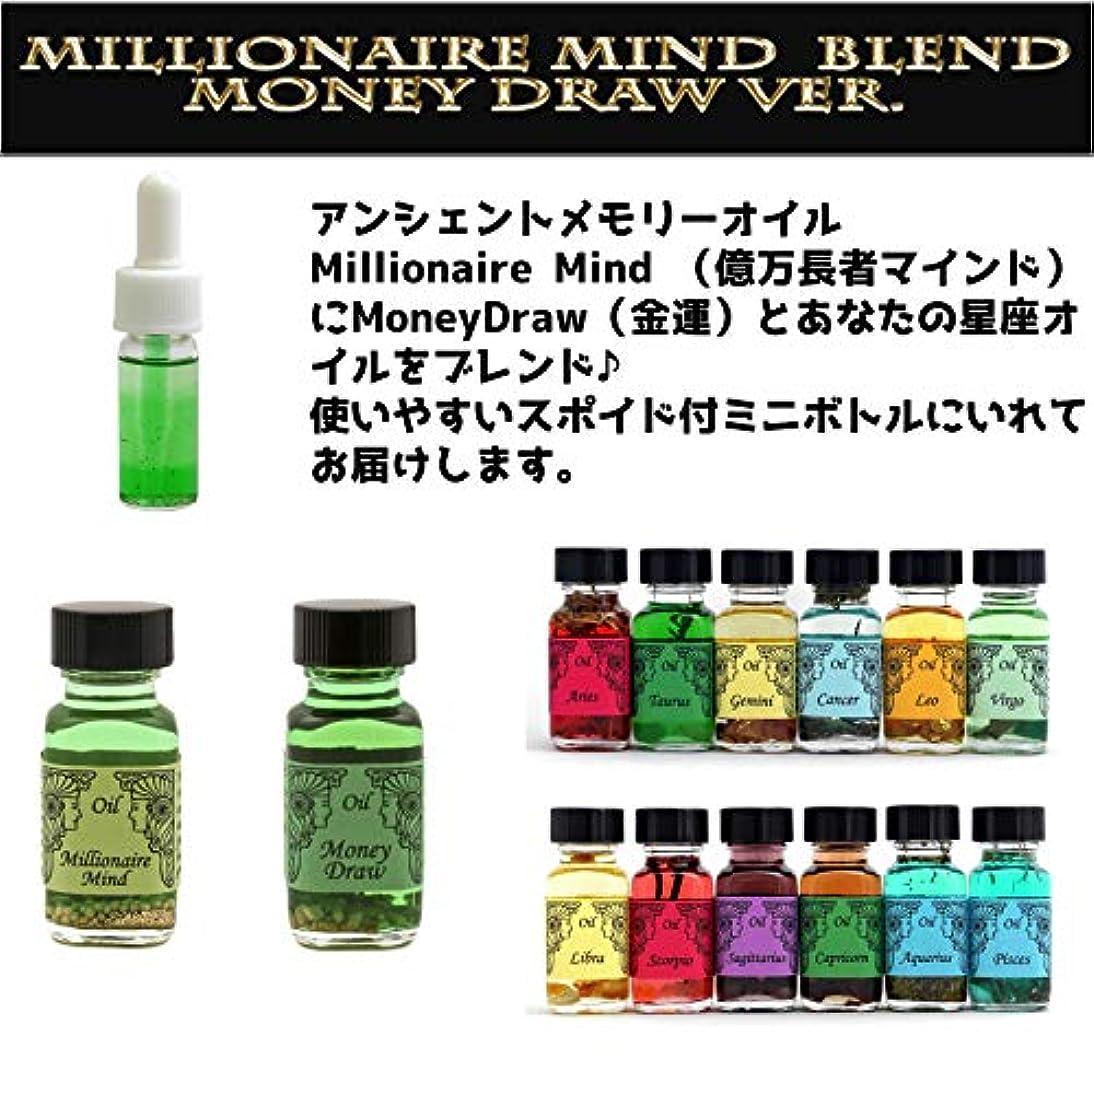 キネマティクス言い訳乞食アンシェントメモリーオイル Millionaire Mind 億万長者マインド ブレンド(Money Drawマネードロー(金運)&いて座